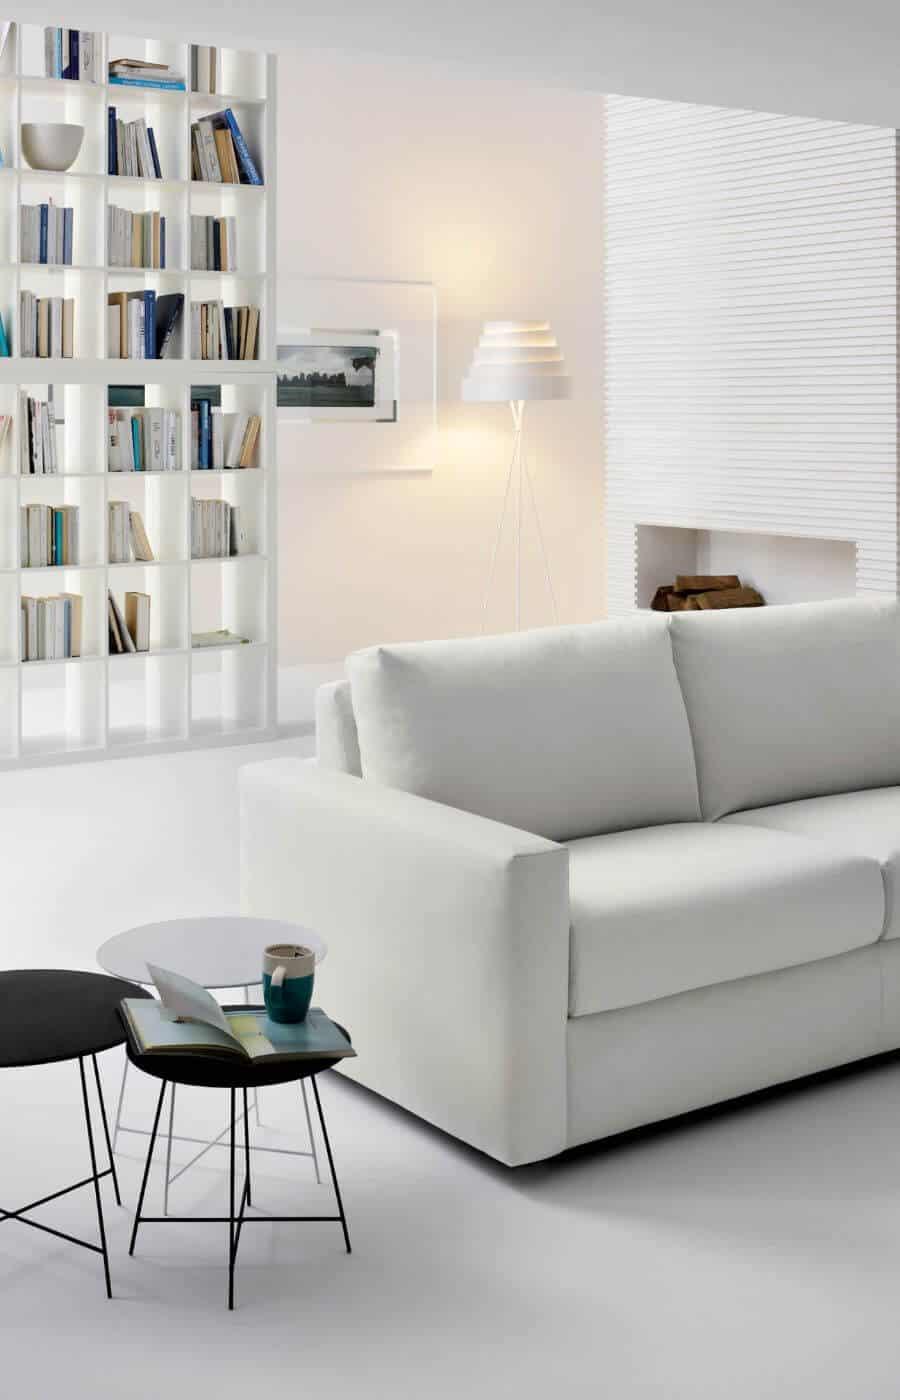 divani-letto-collezione-margherita-il-mobile (2)